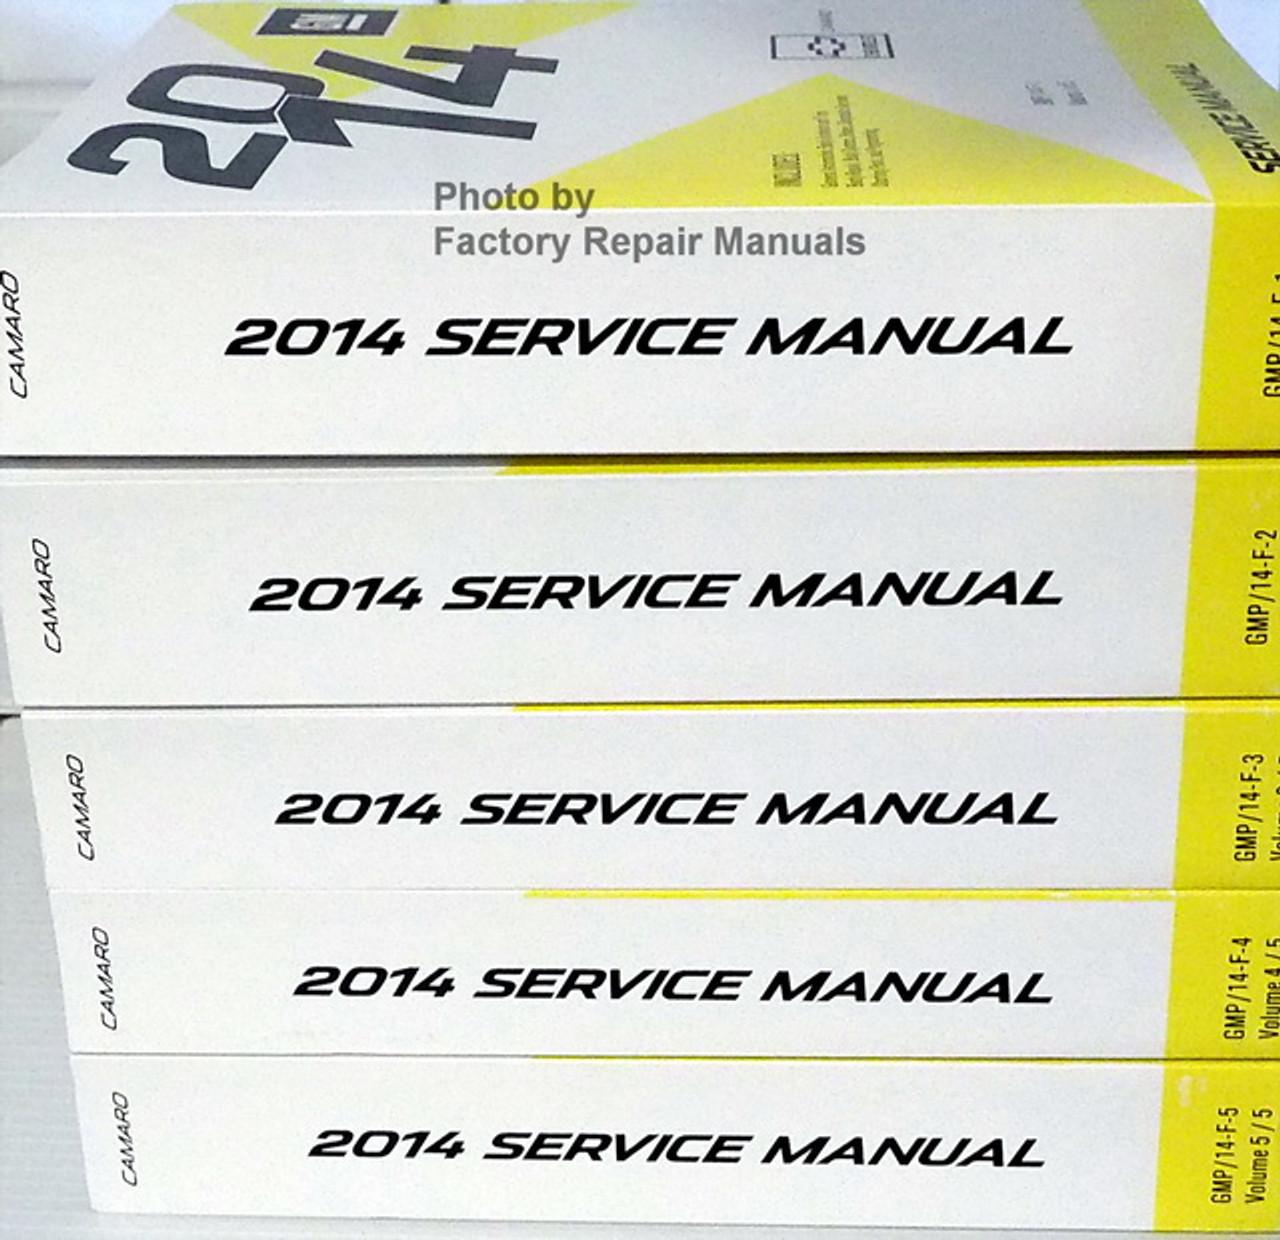 2014 Chevy Camaro Service Manual Complete Set Original Shop Repair Factory Repair Manuals